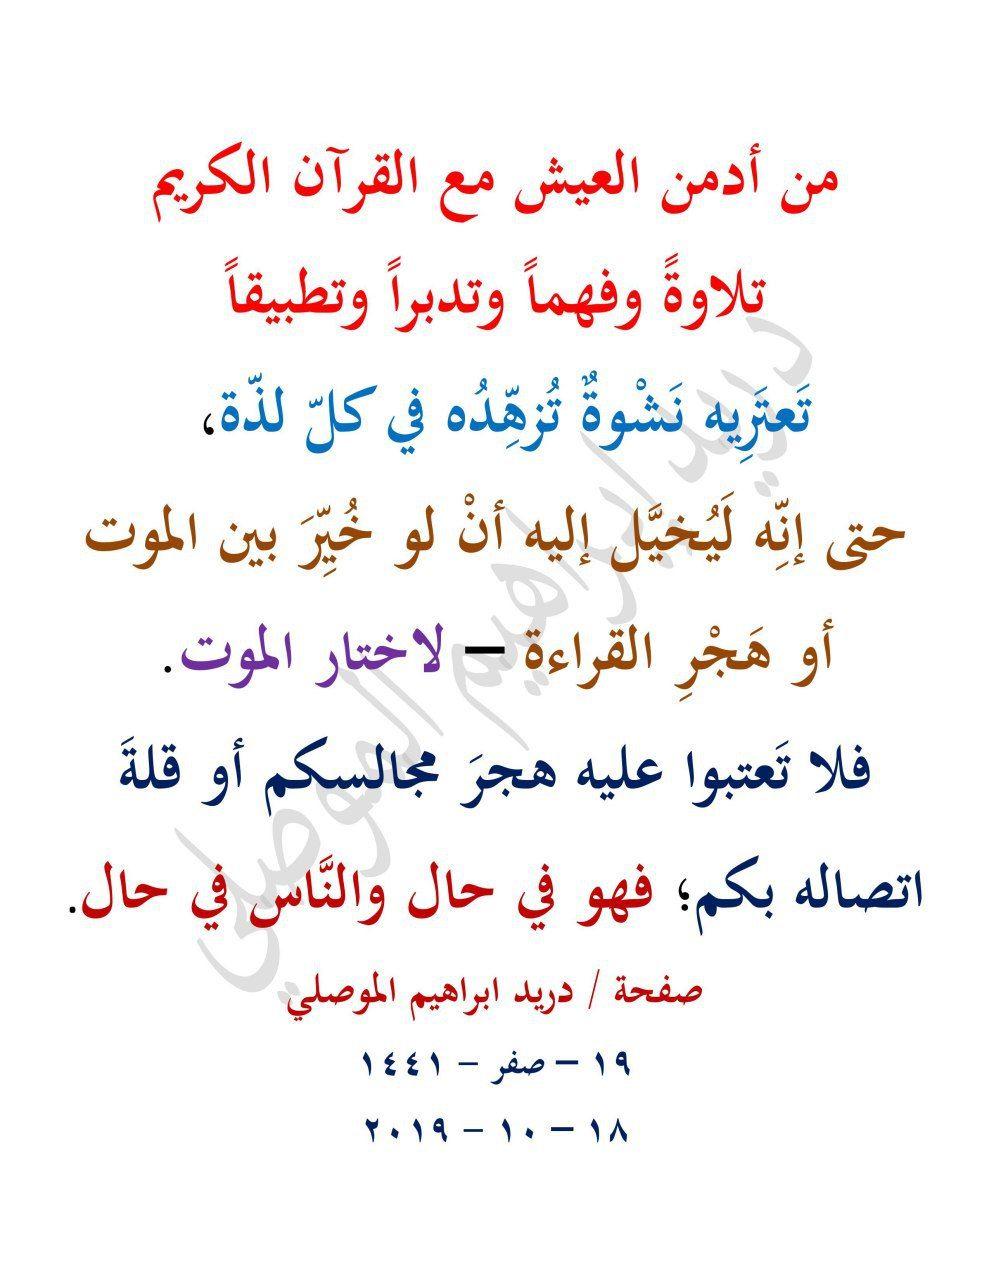 من أدمن العيش مع القرآن الكريم تلاوة وفهما وتدبرا وتطبيقا Calligraphy Arabic Calligraphy